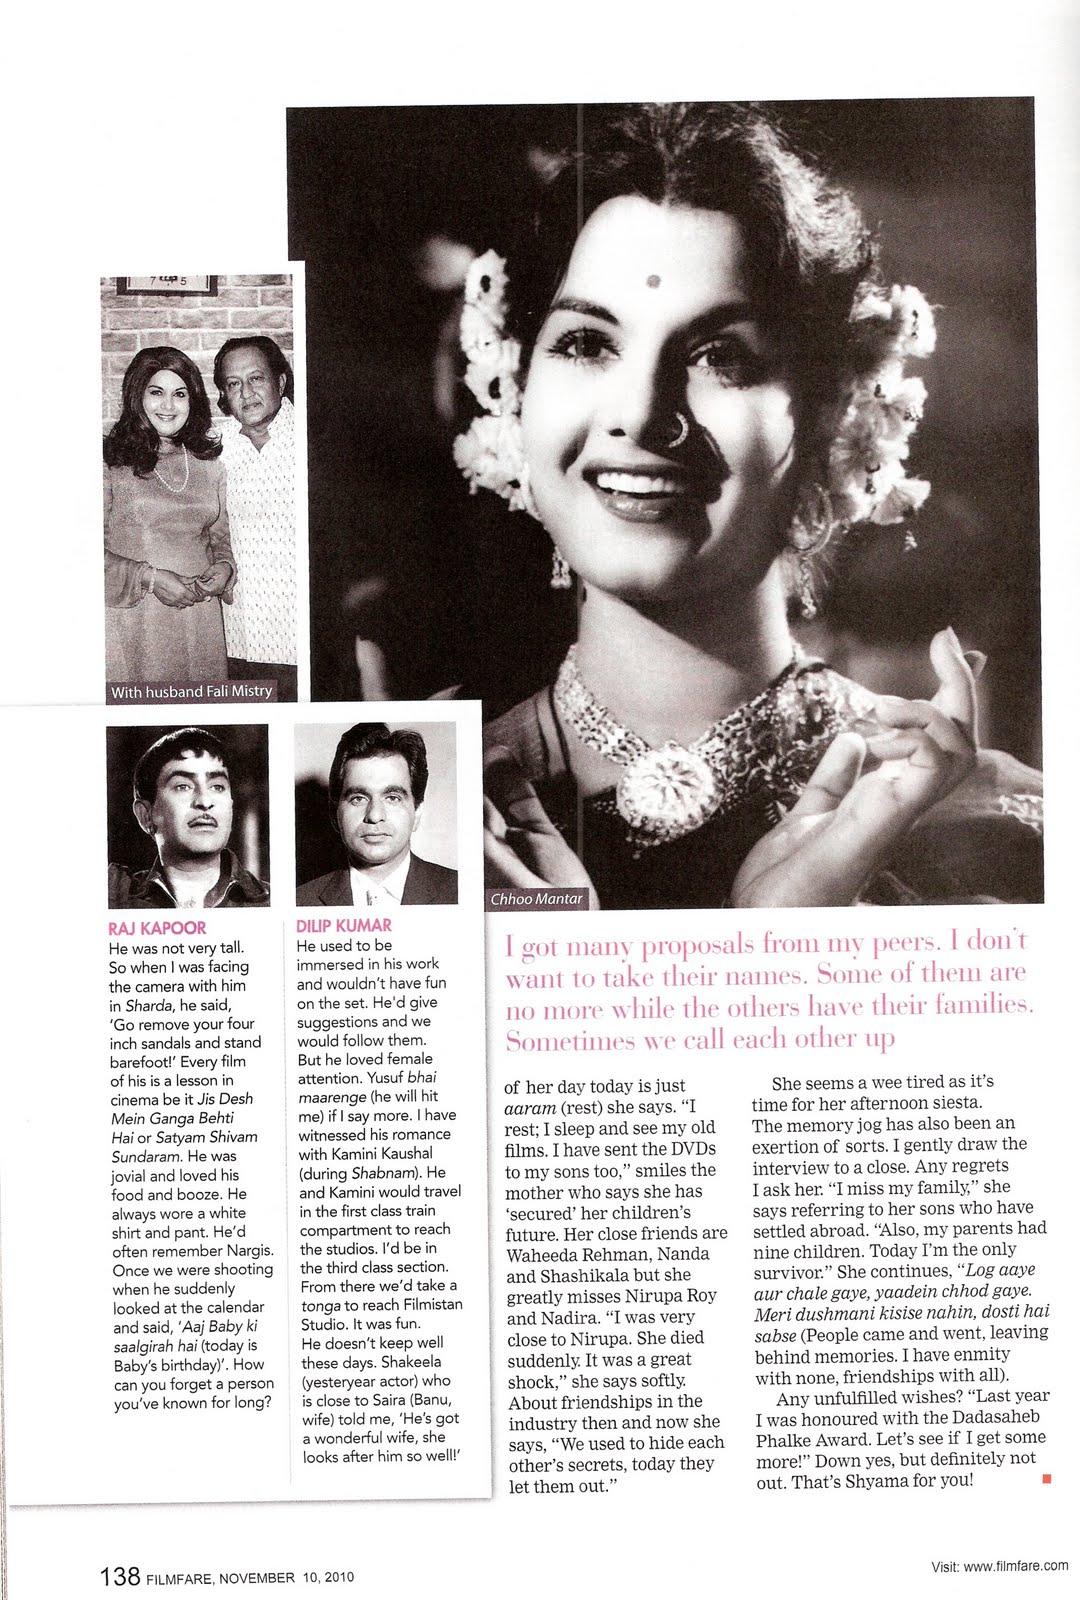 bollywooddeewana: Shyama on Life in Films